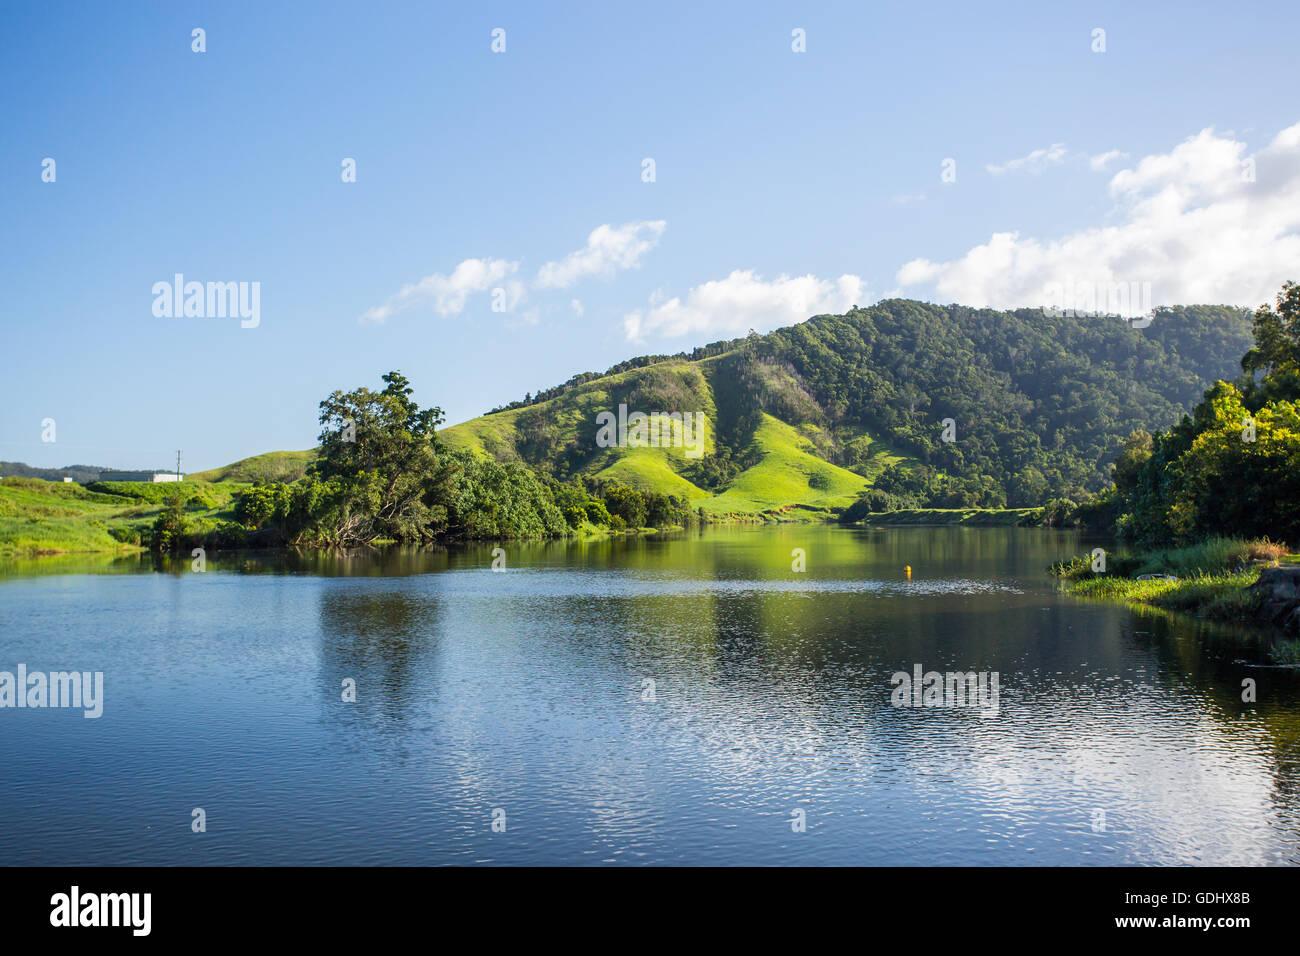 Il Fiume Daintree vicino alla città di Daintree nel lontano nth Queensland, Australia Foto Stock